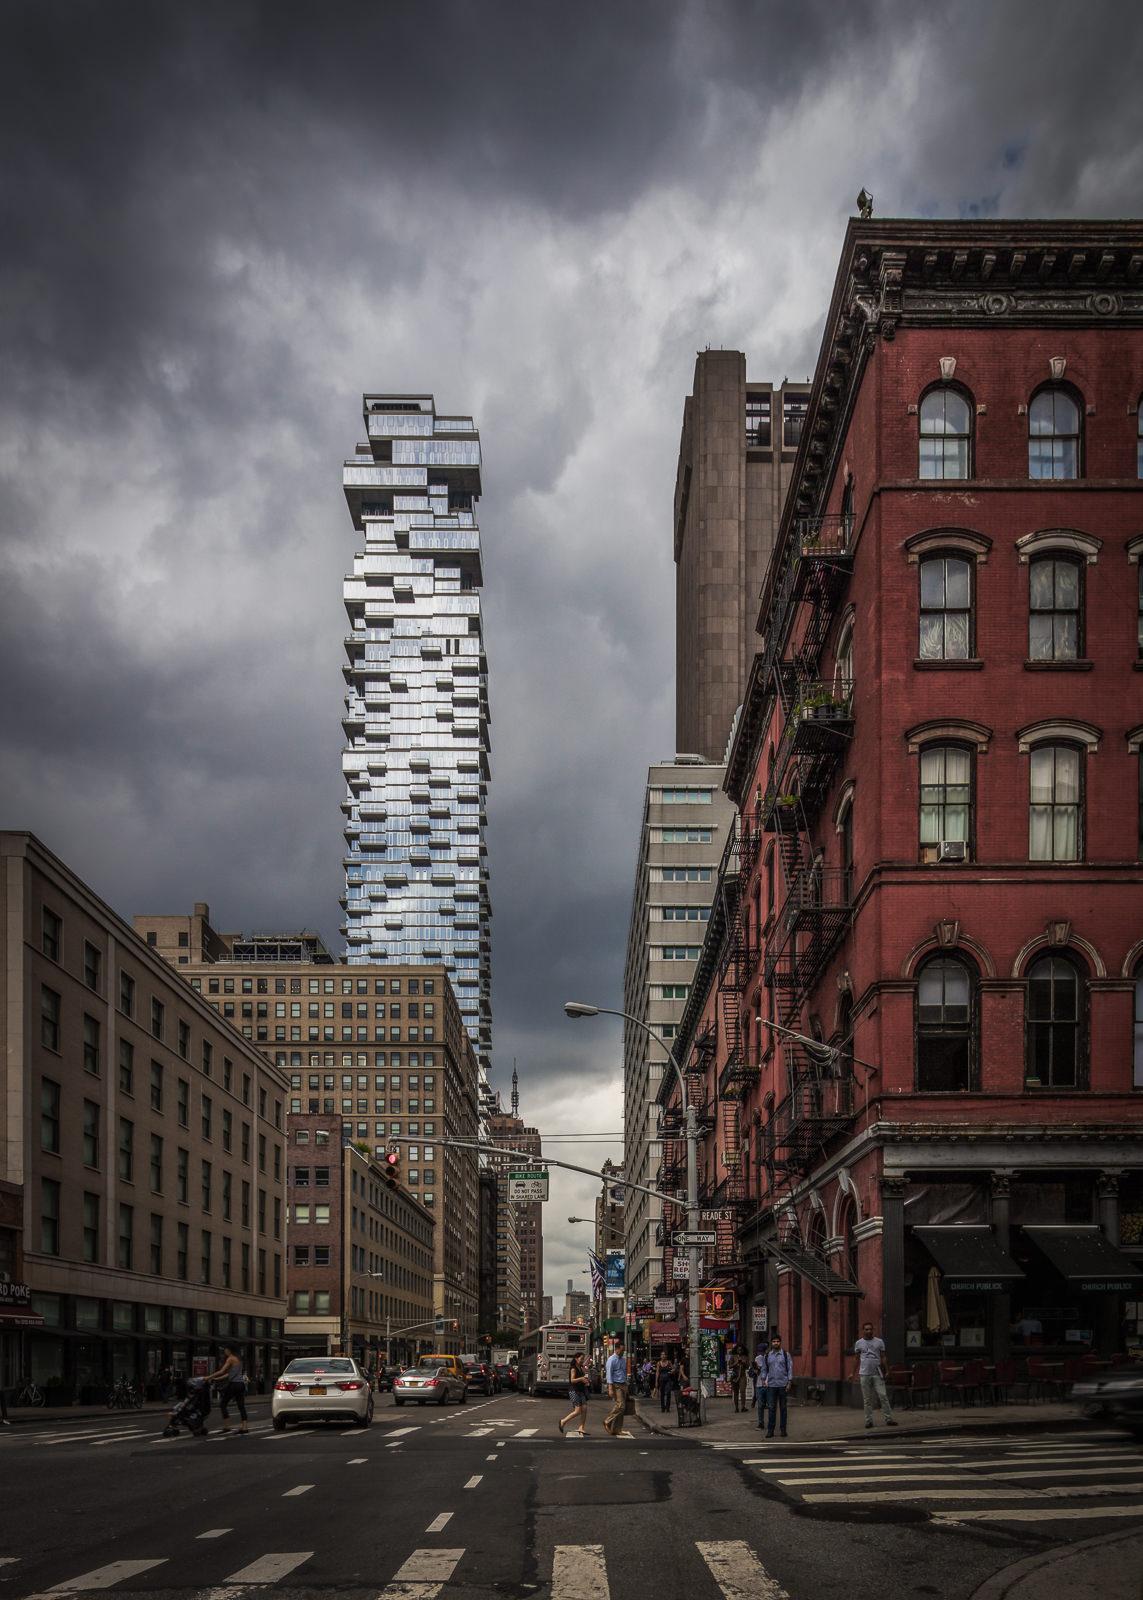 56 Leonard, New York City, NY - Herzog and de Meuron